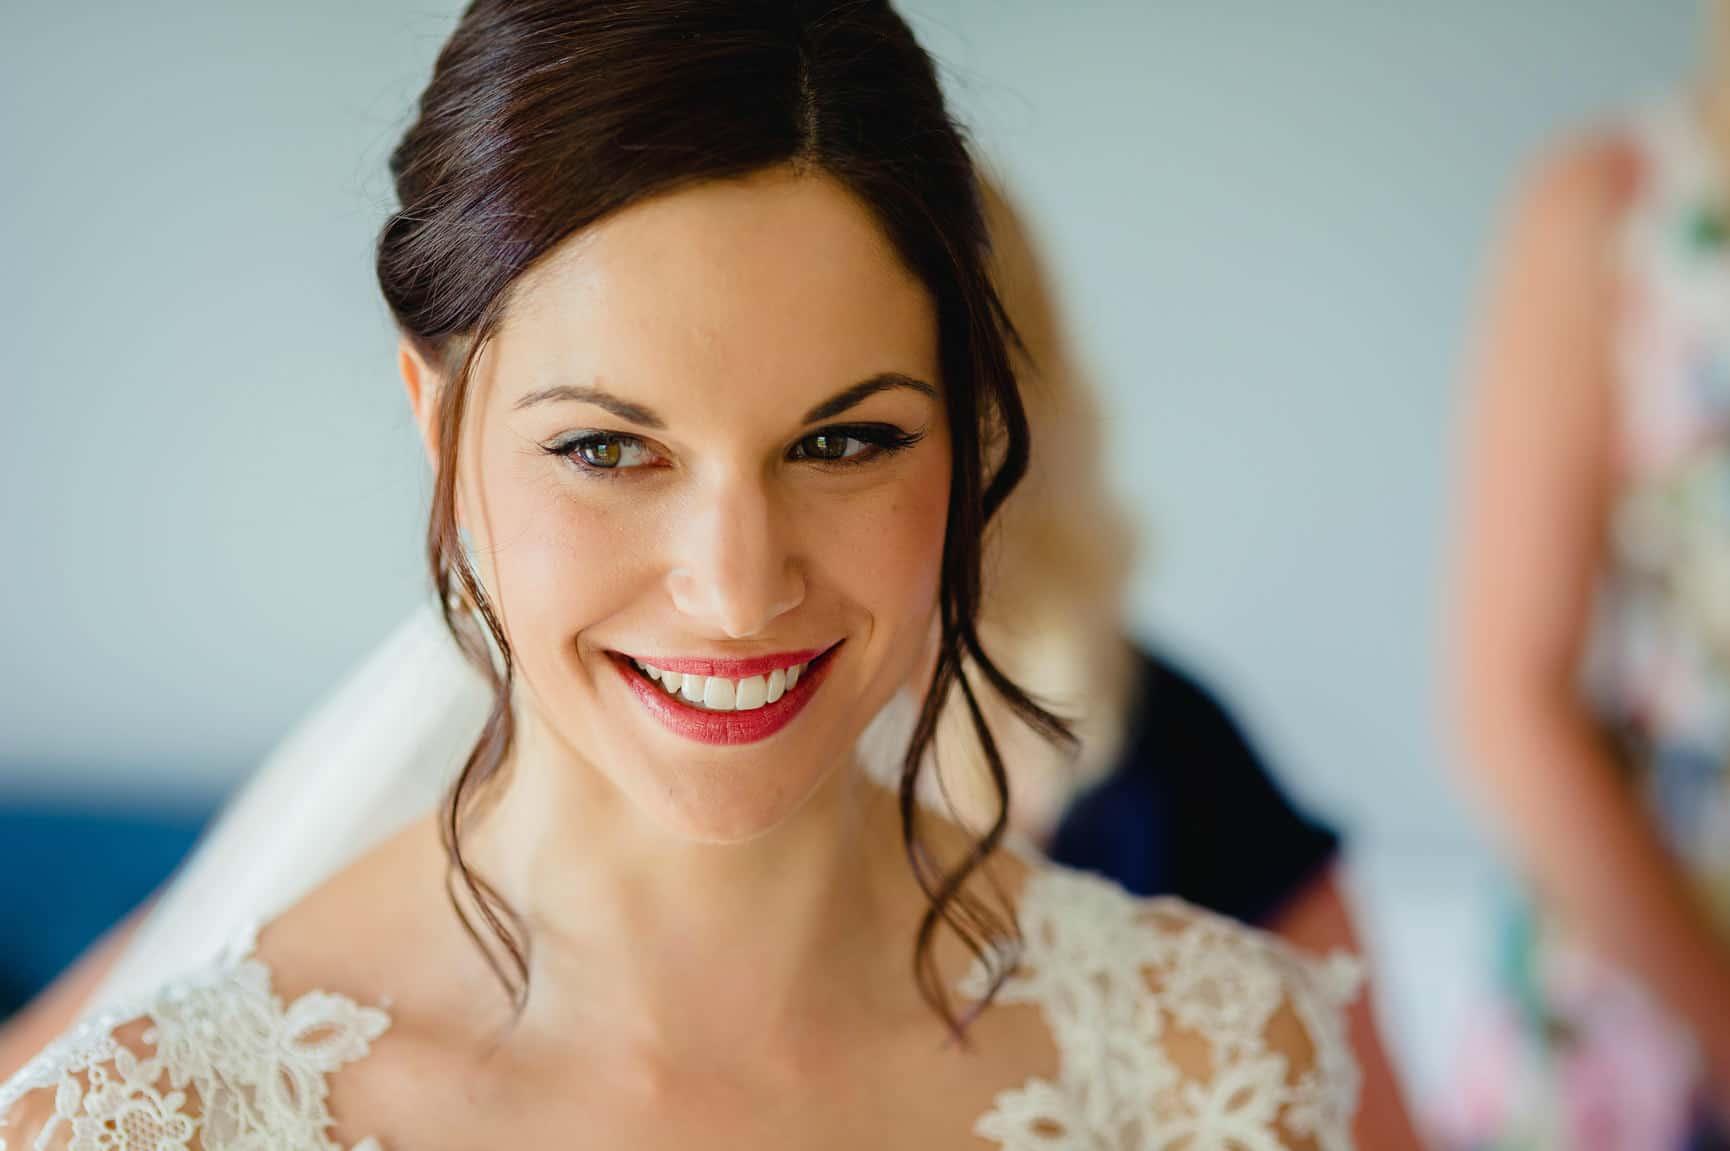 Fforest Wedding, Cardigan, Wales - Lauren and Gareth 35